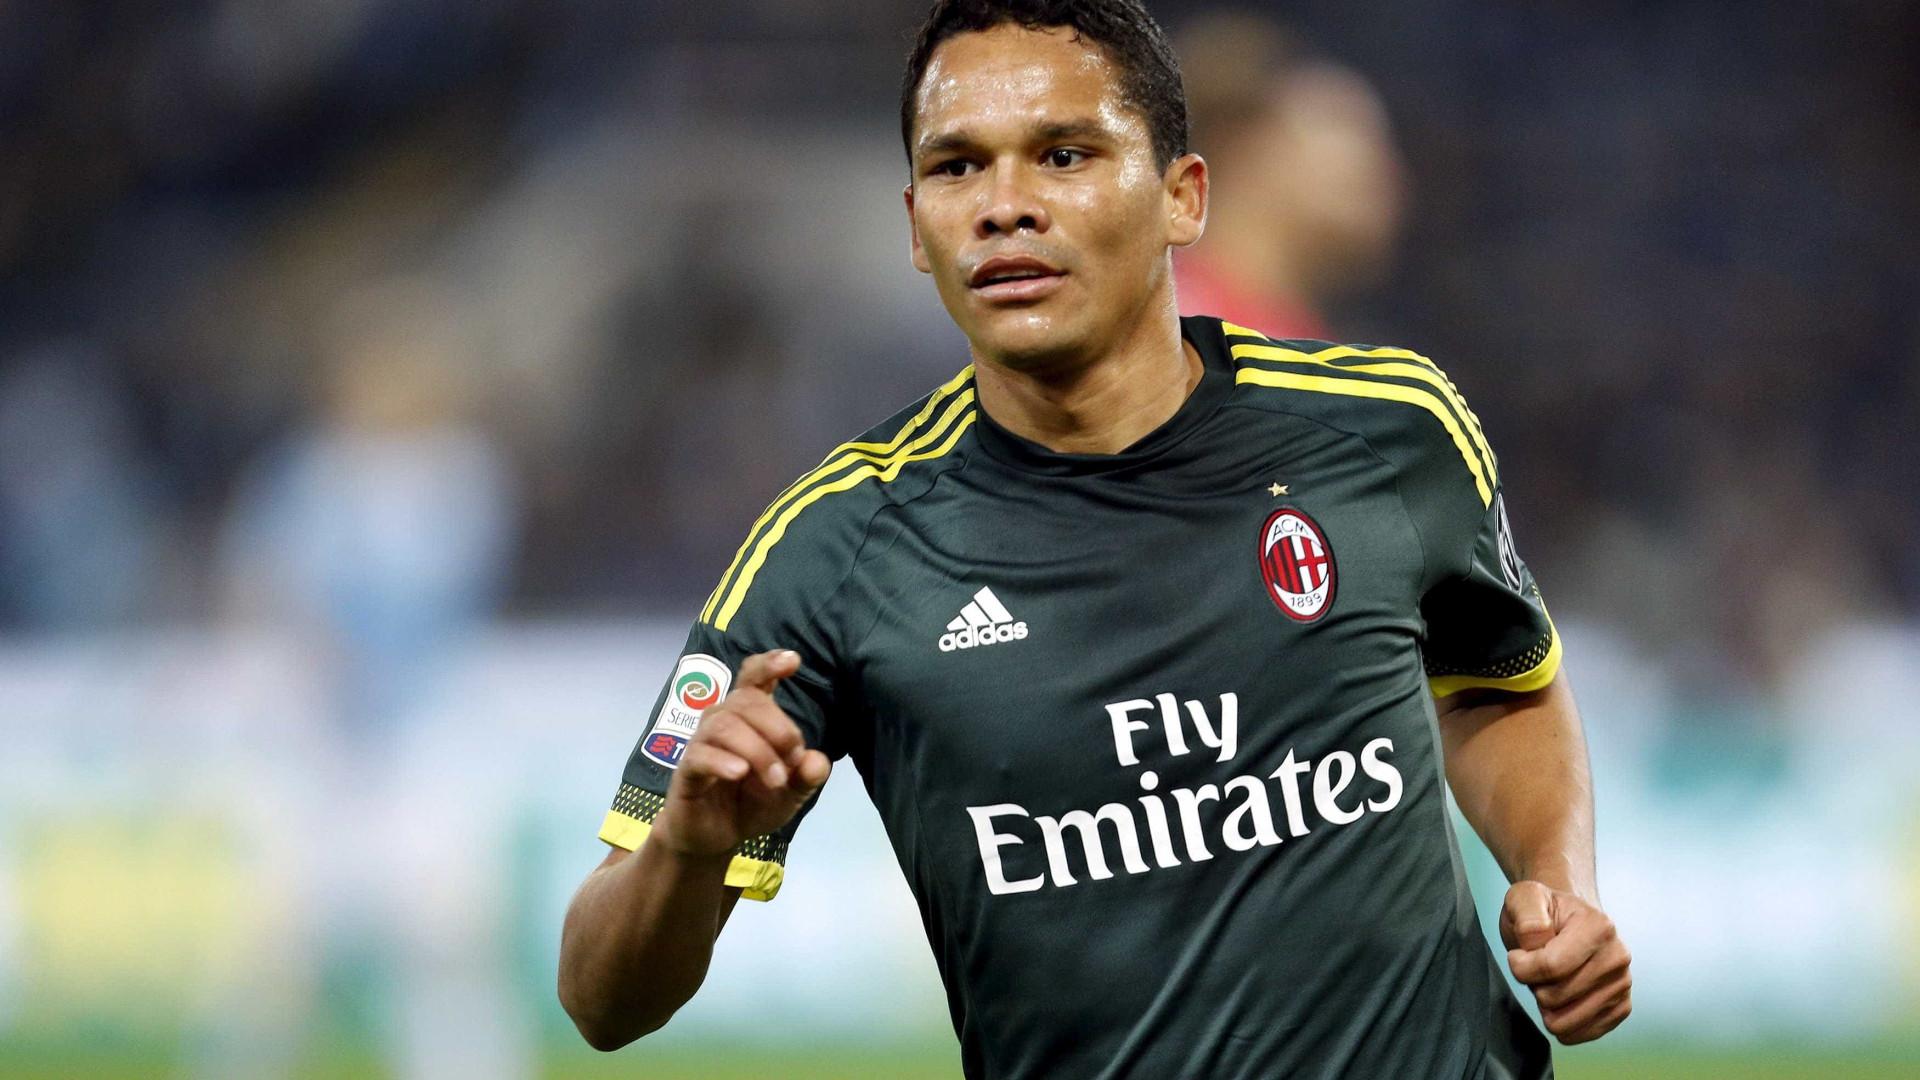 Sporting entra na corrida por jogador do AC Milan